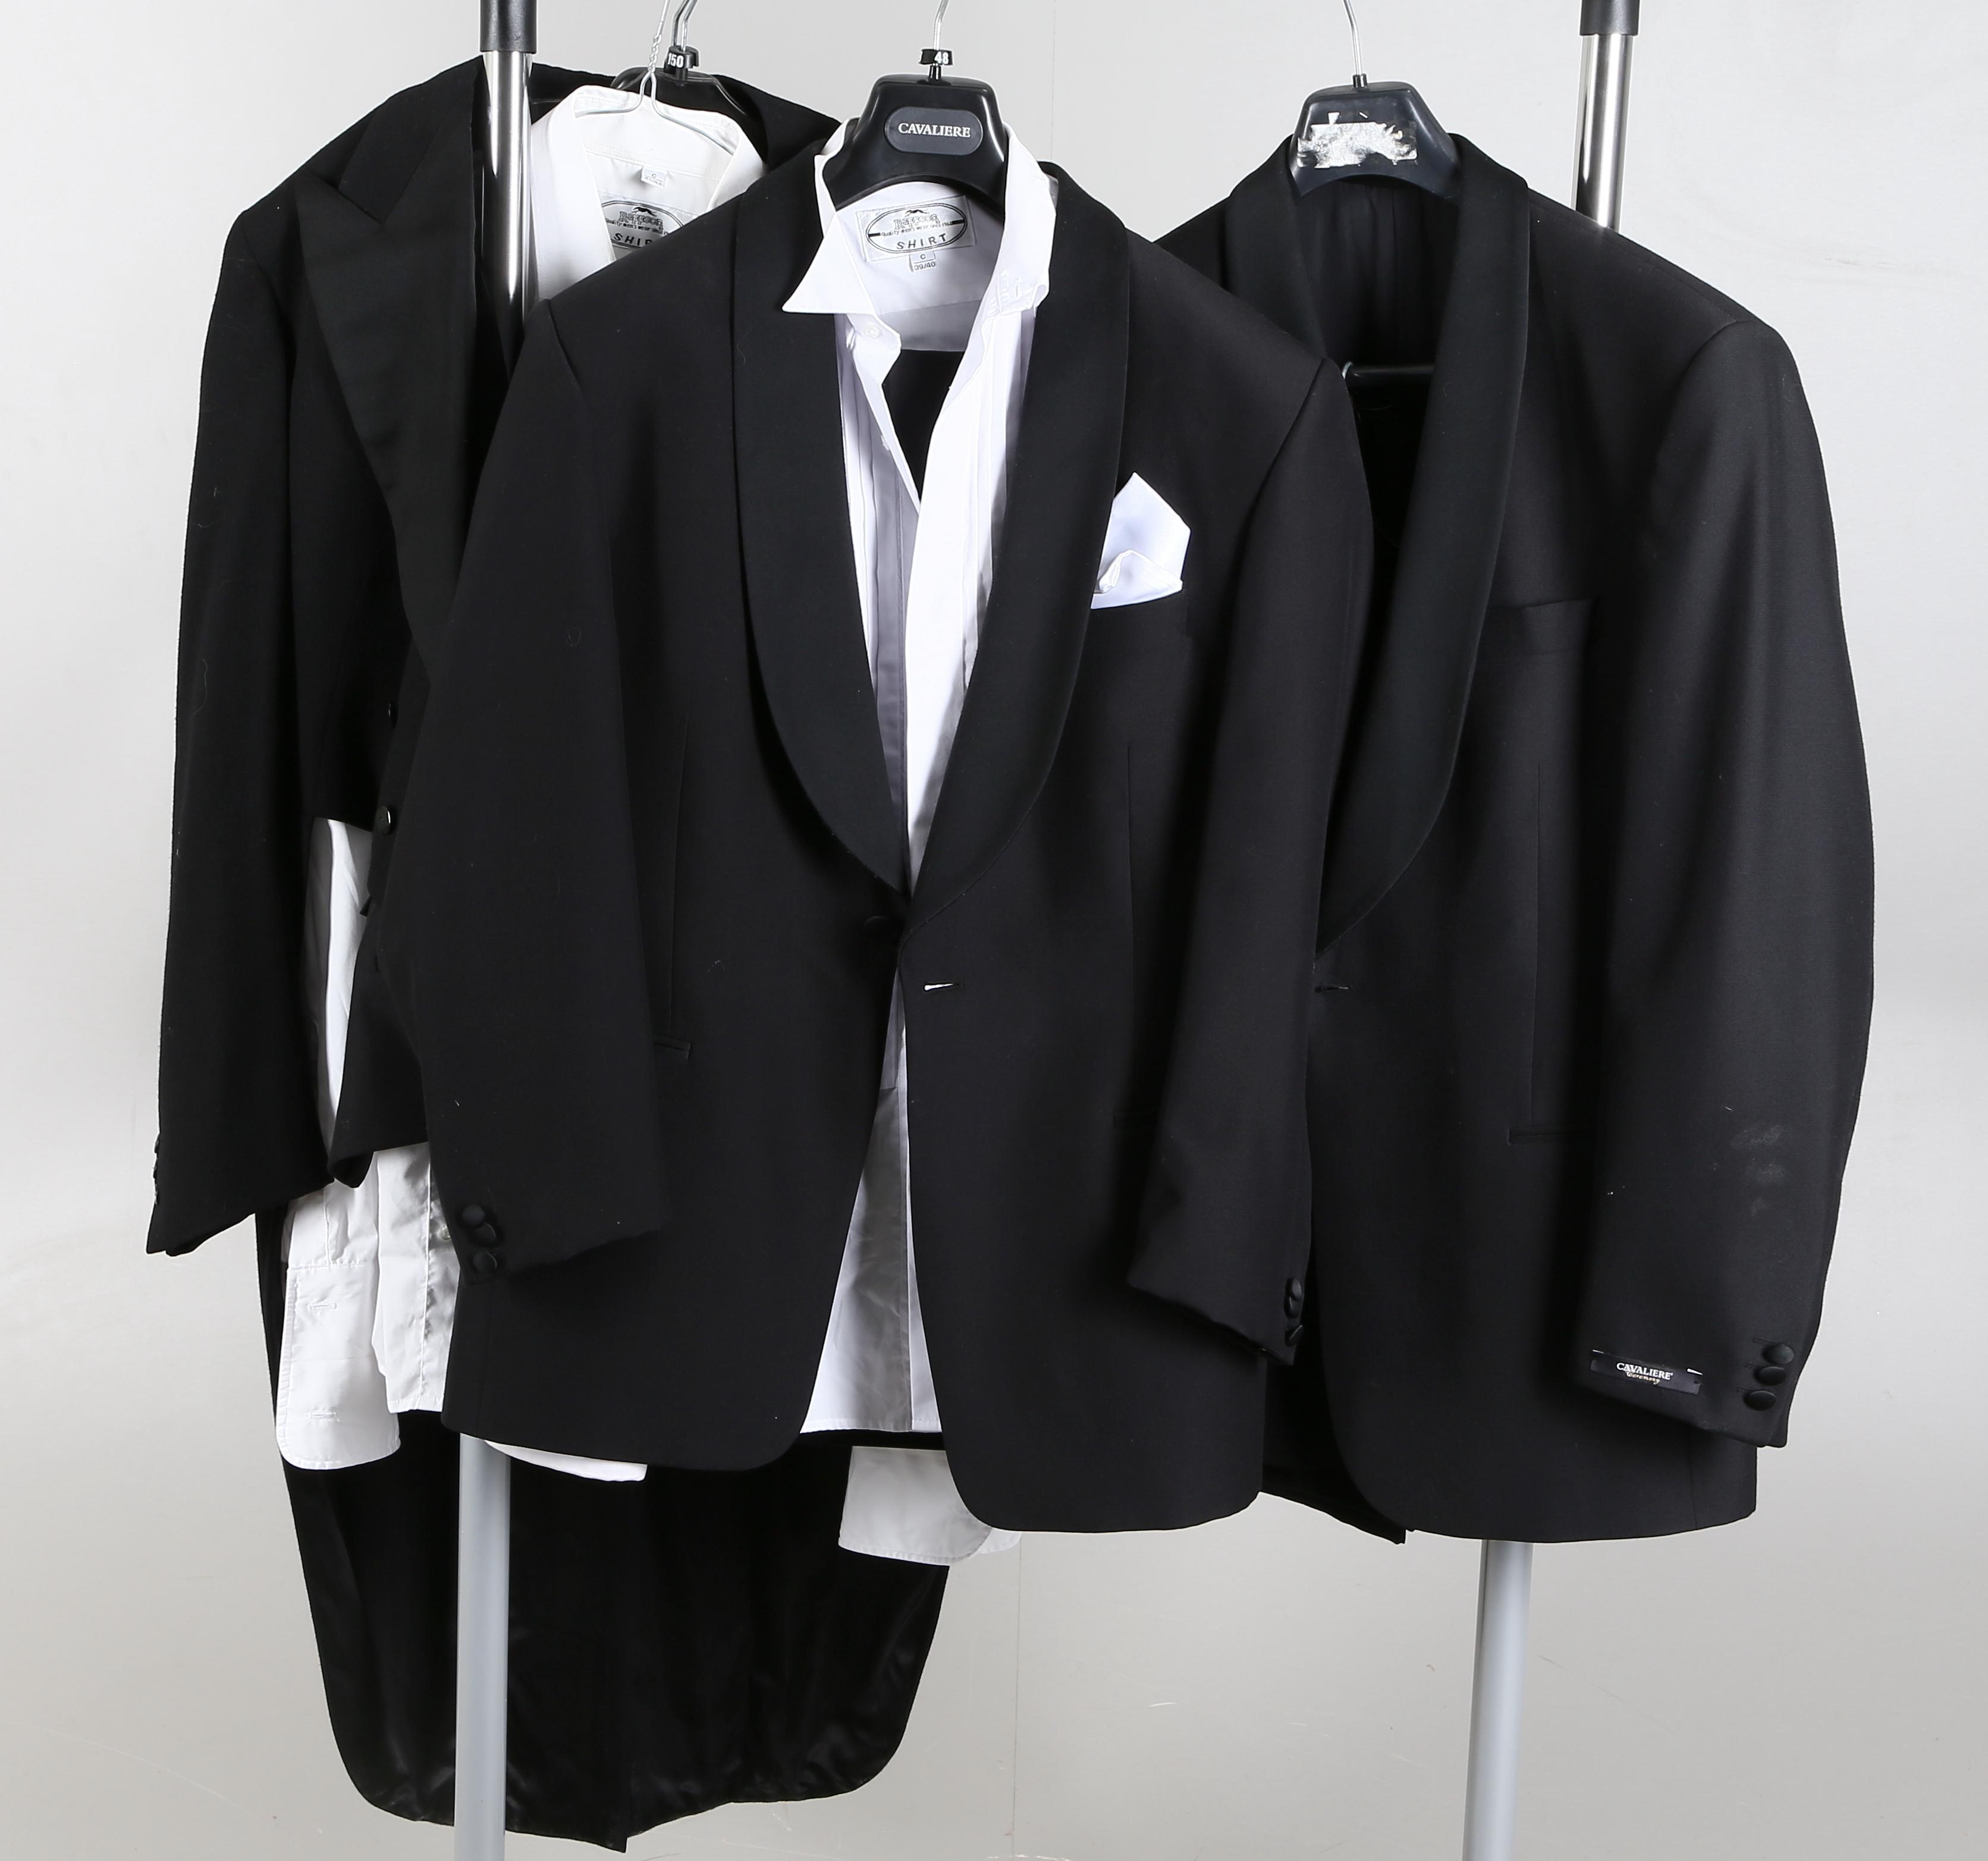 KAVAJER samt FRACK, 3 st. Vintage clothing & Accessories